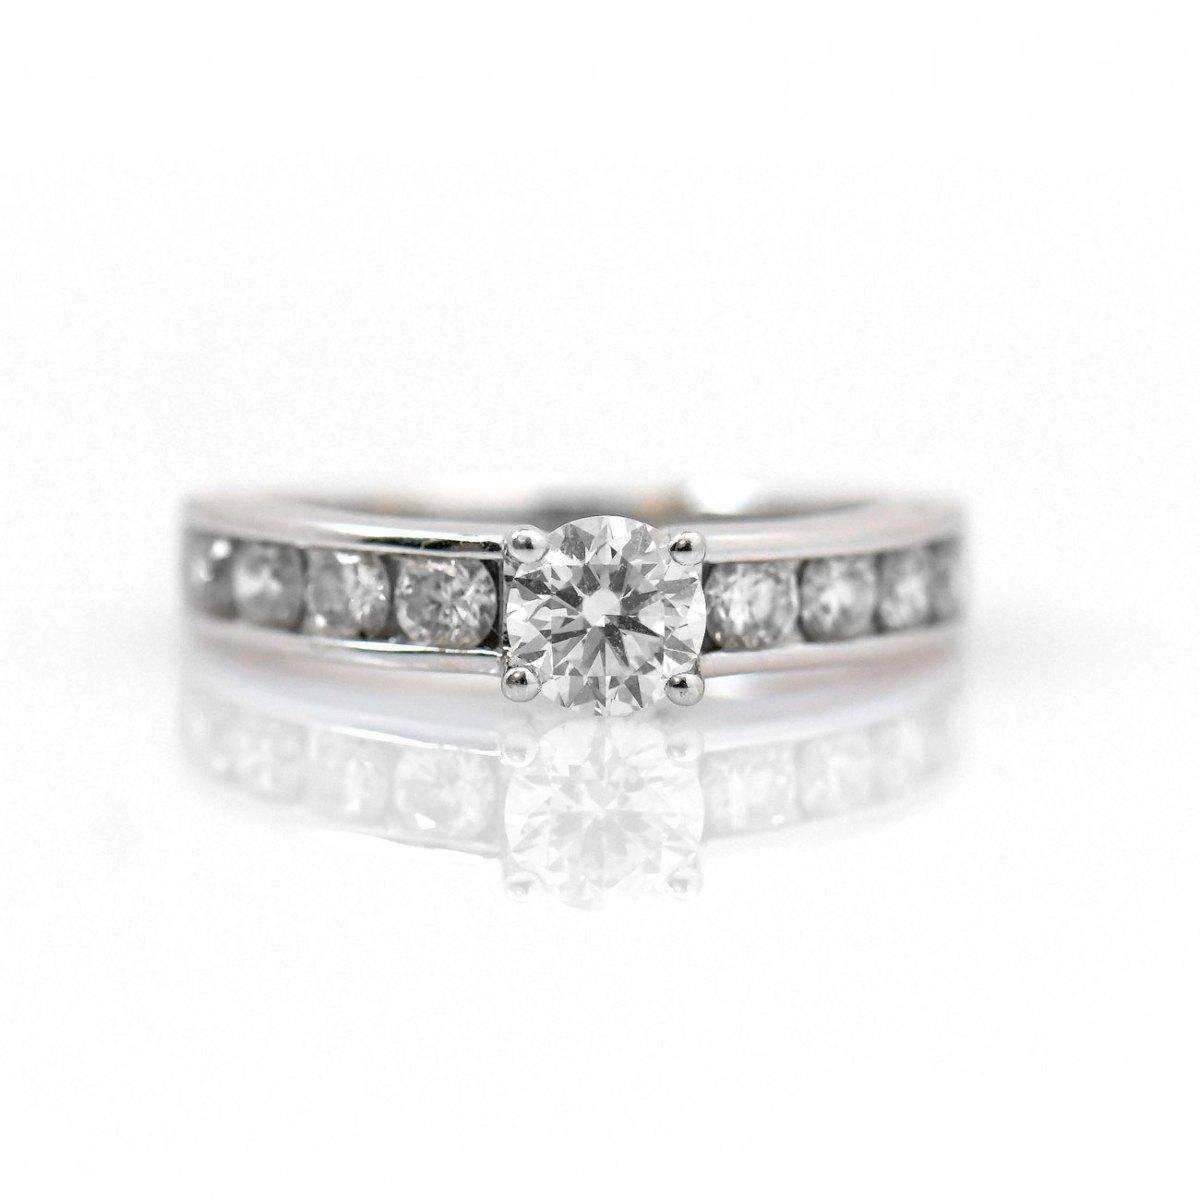 Bague diamants, brillant central 0,40 ct, 8 diamants 0,56 ct, or blanc, taille 46 | Réf.